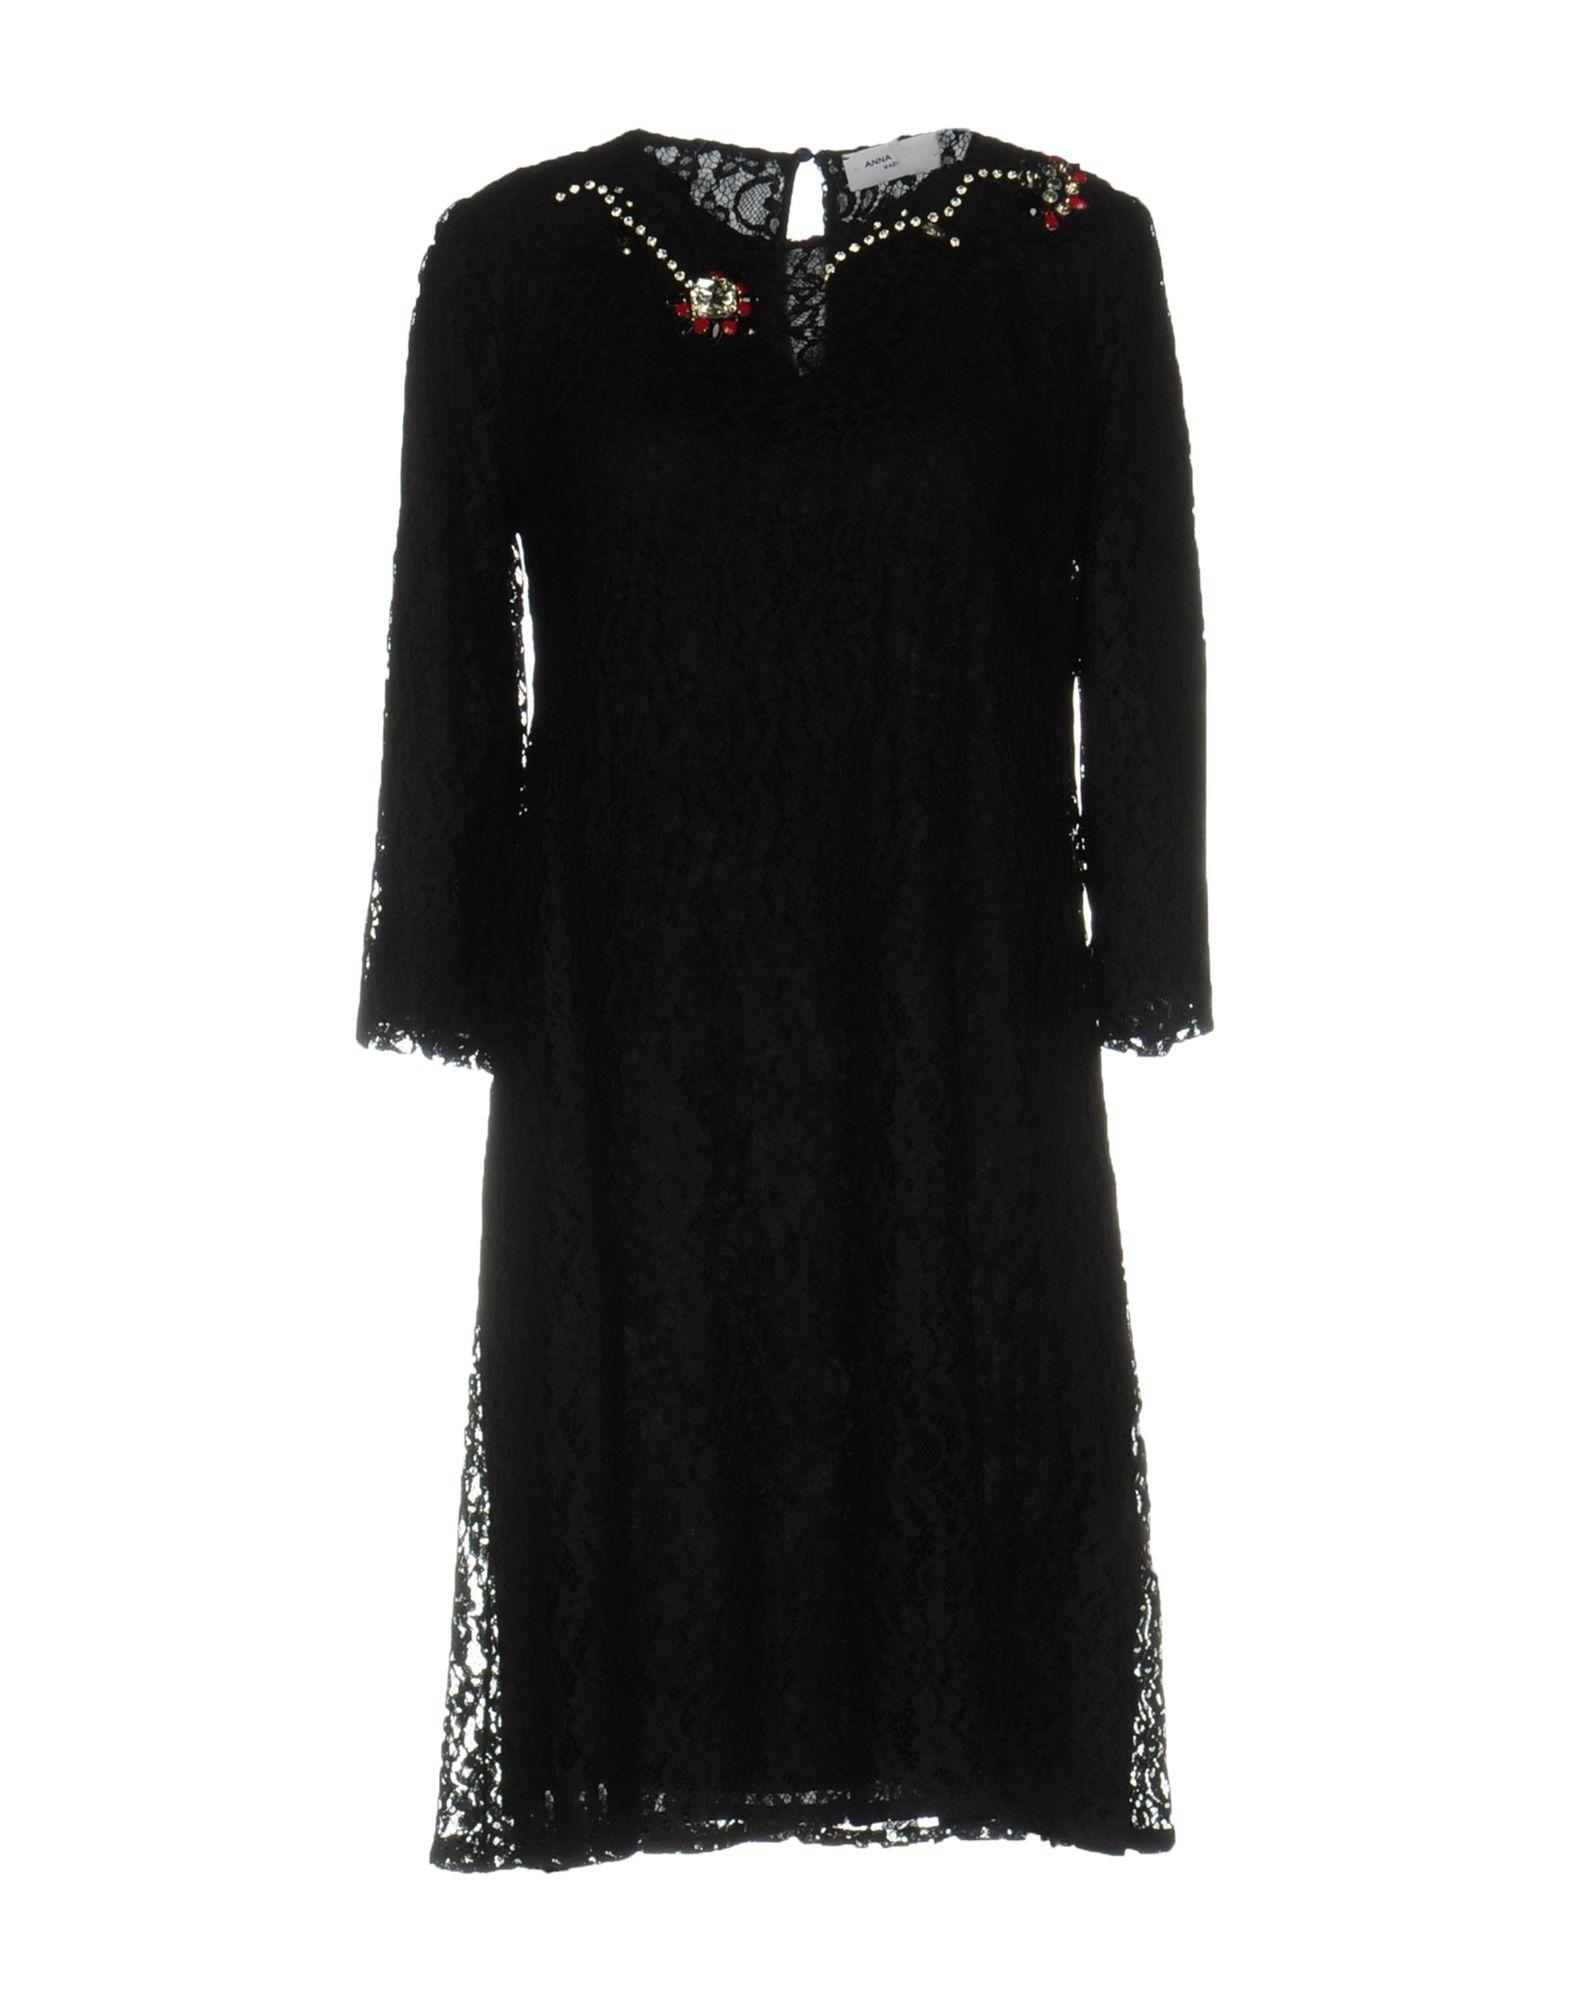 ANNA RACHELE Damen Kurzes Kleid Farbe Schwarz Größe 4